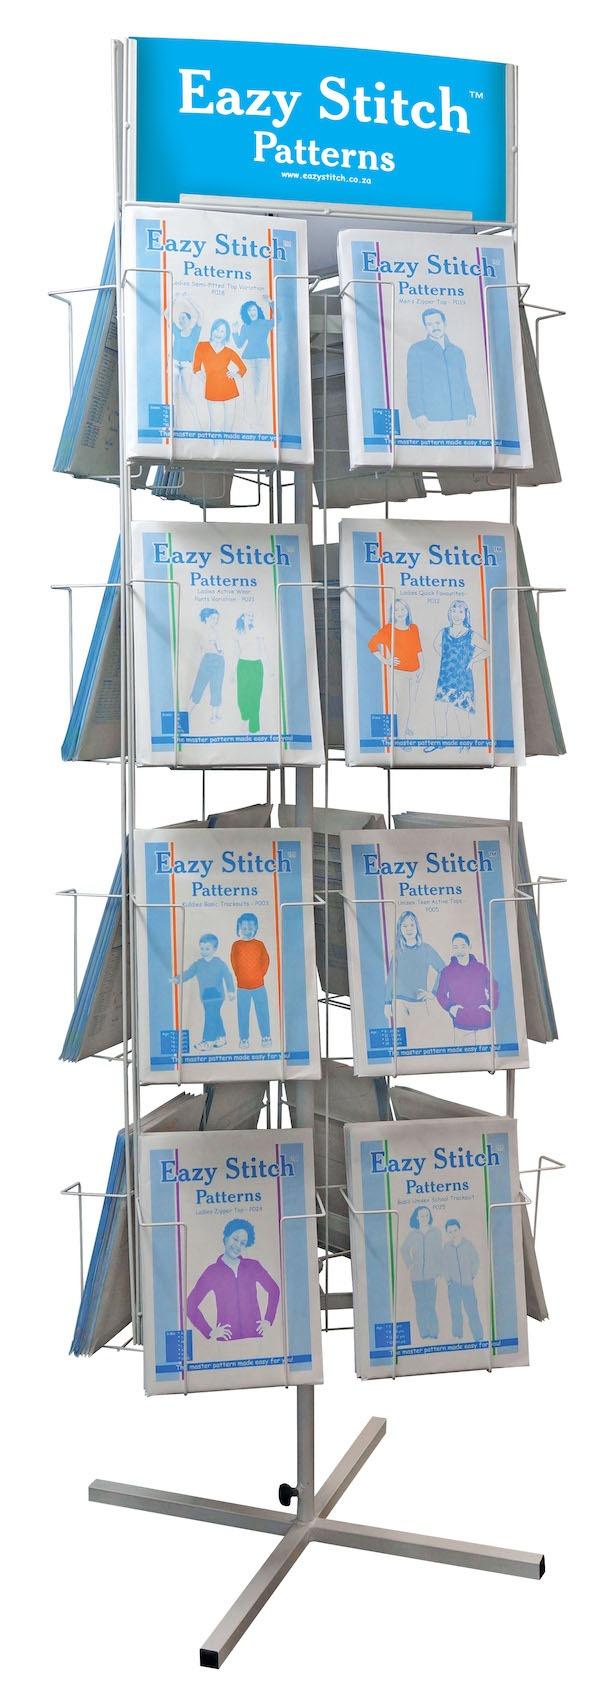 Eazy Stitch pattterns stand